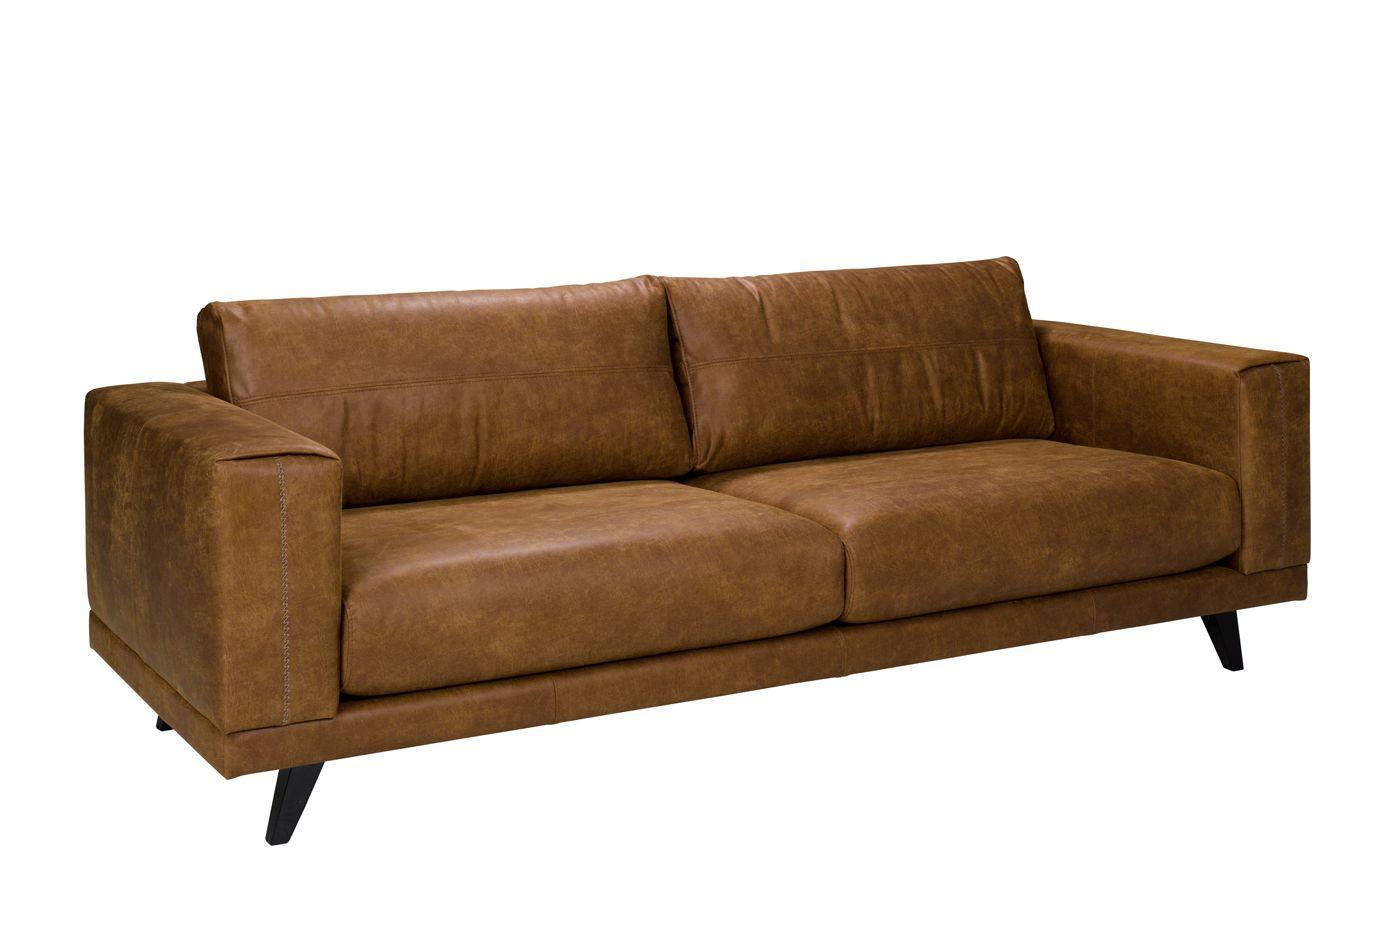 Ryder 3-pers. Sofa - Brun